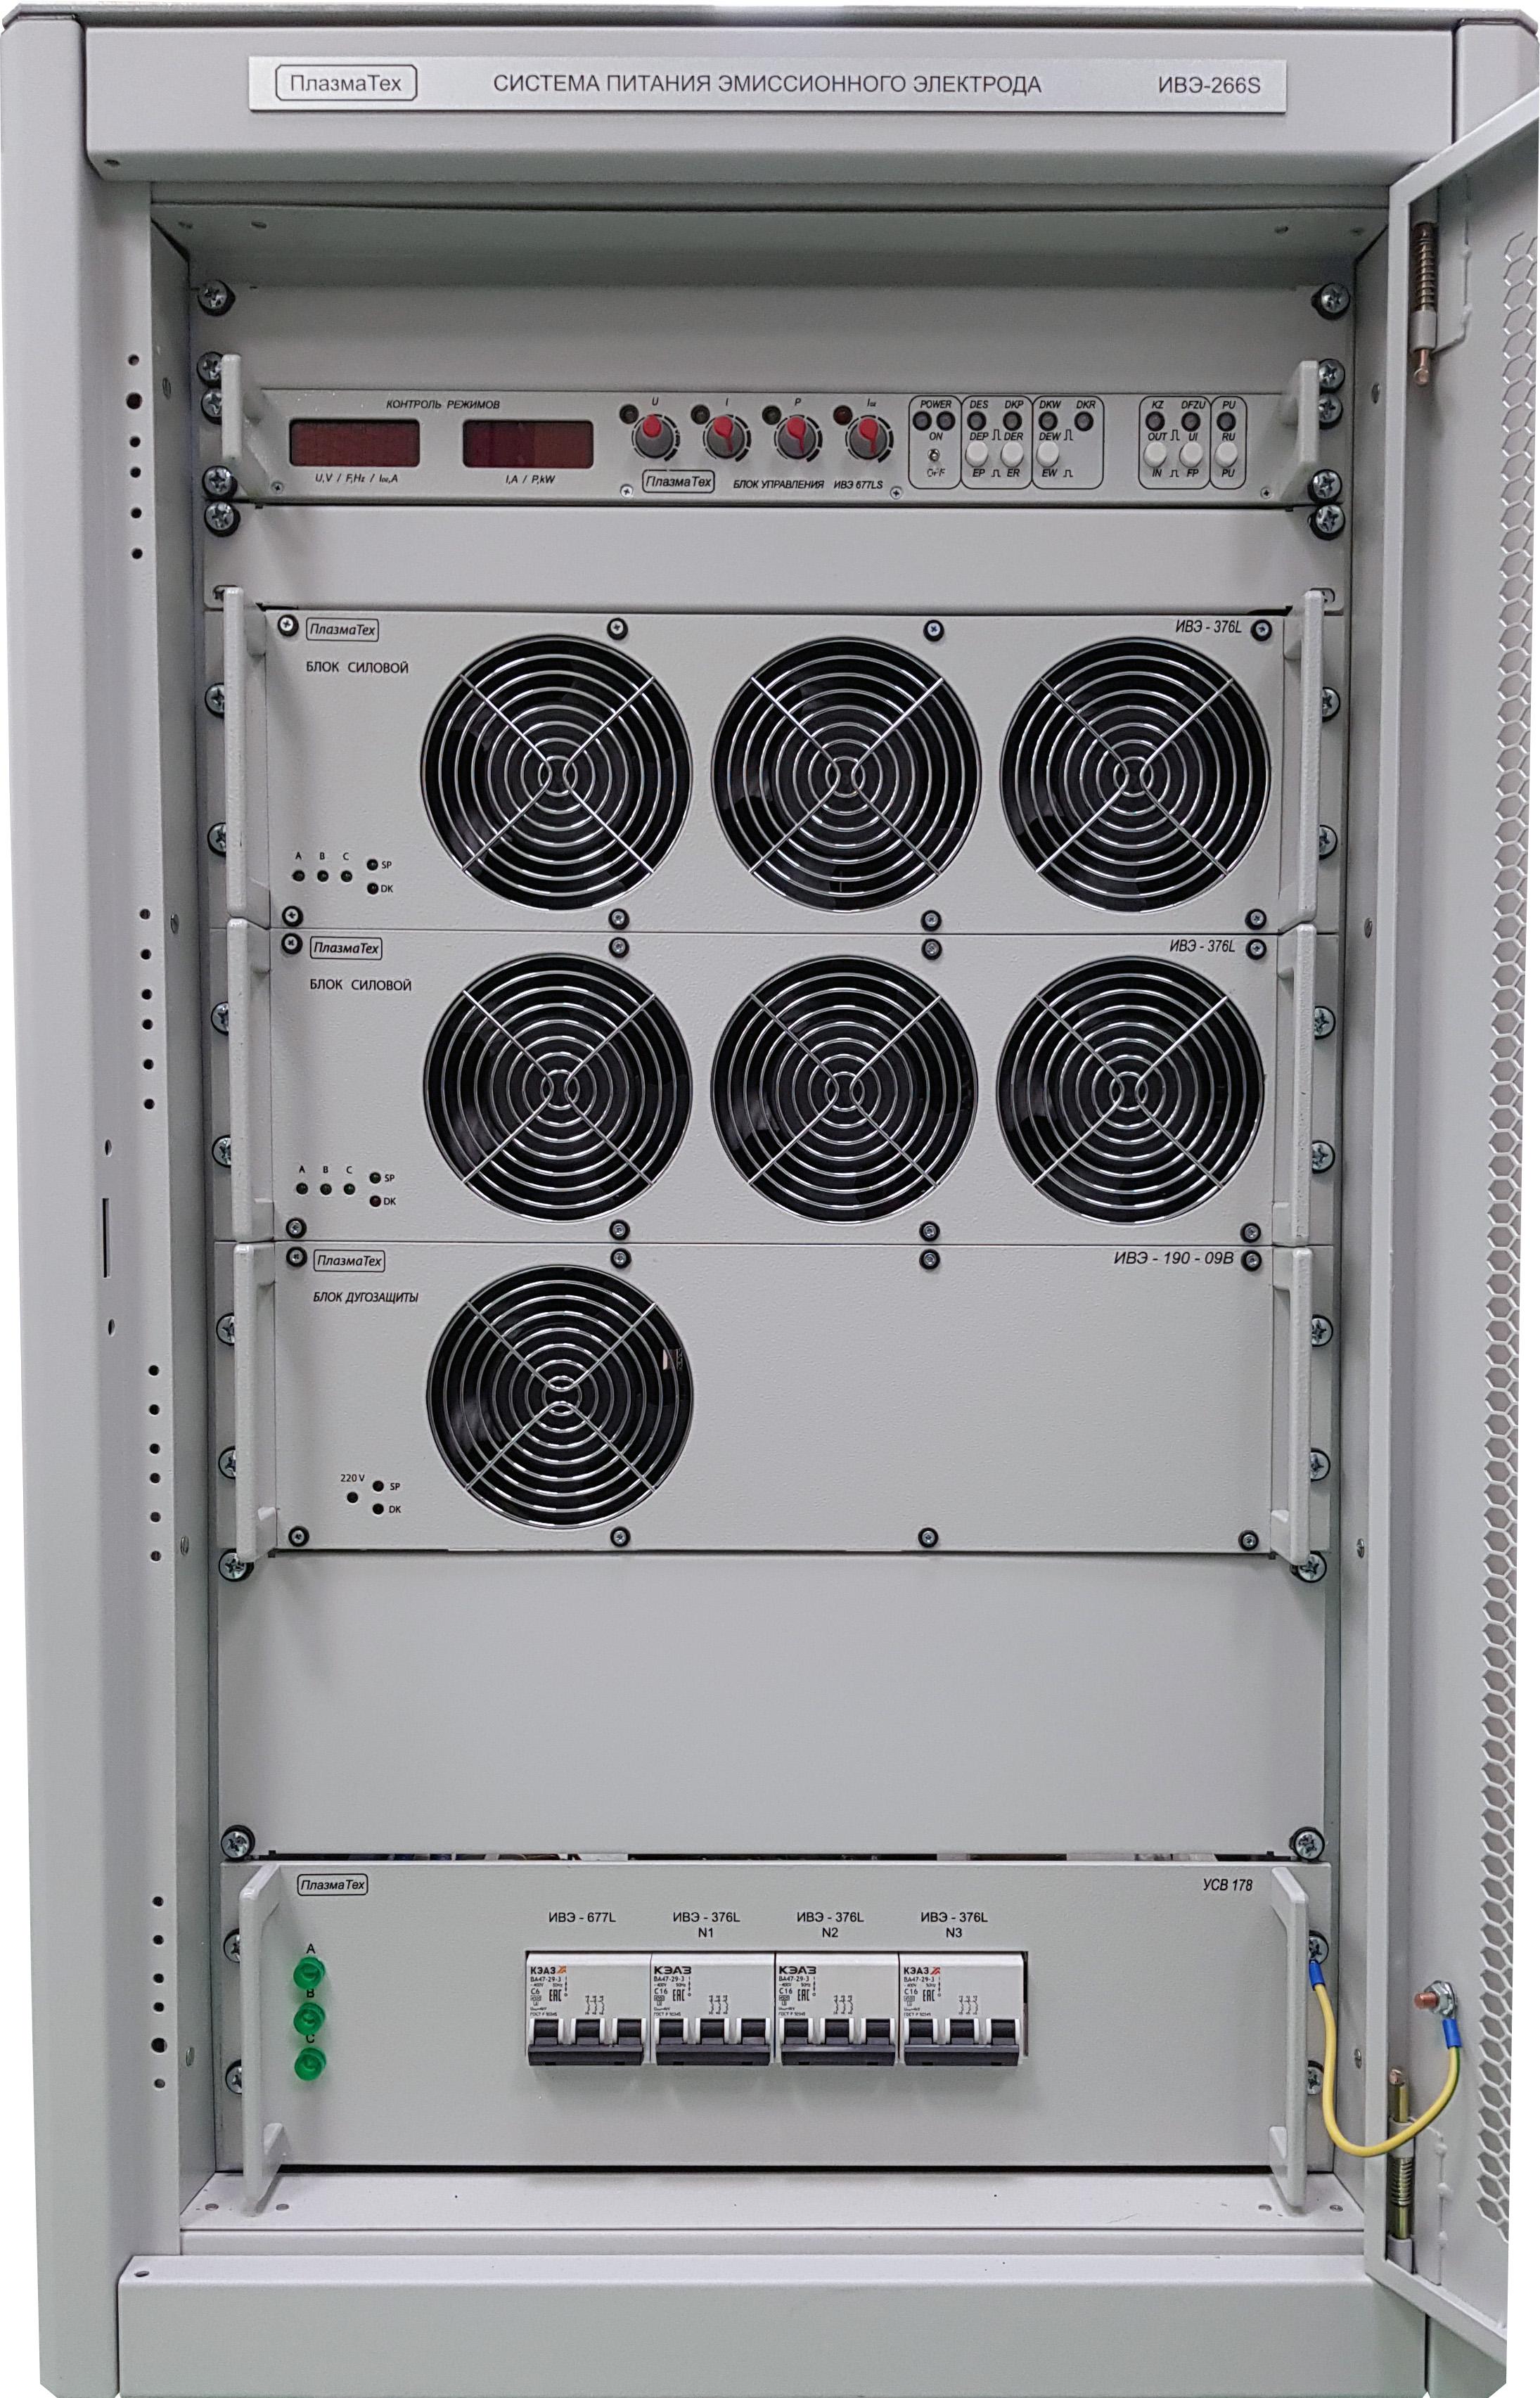 """Система питания эмиссионного электрода """"ИВЭ-266S"""""""